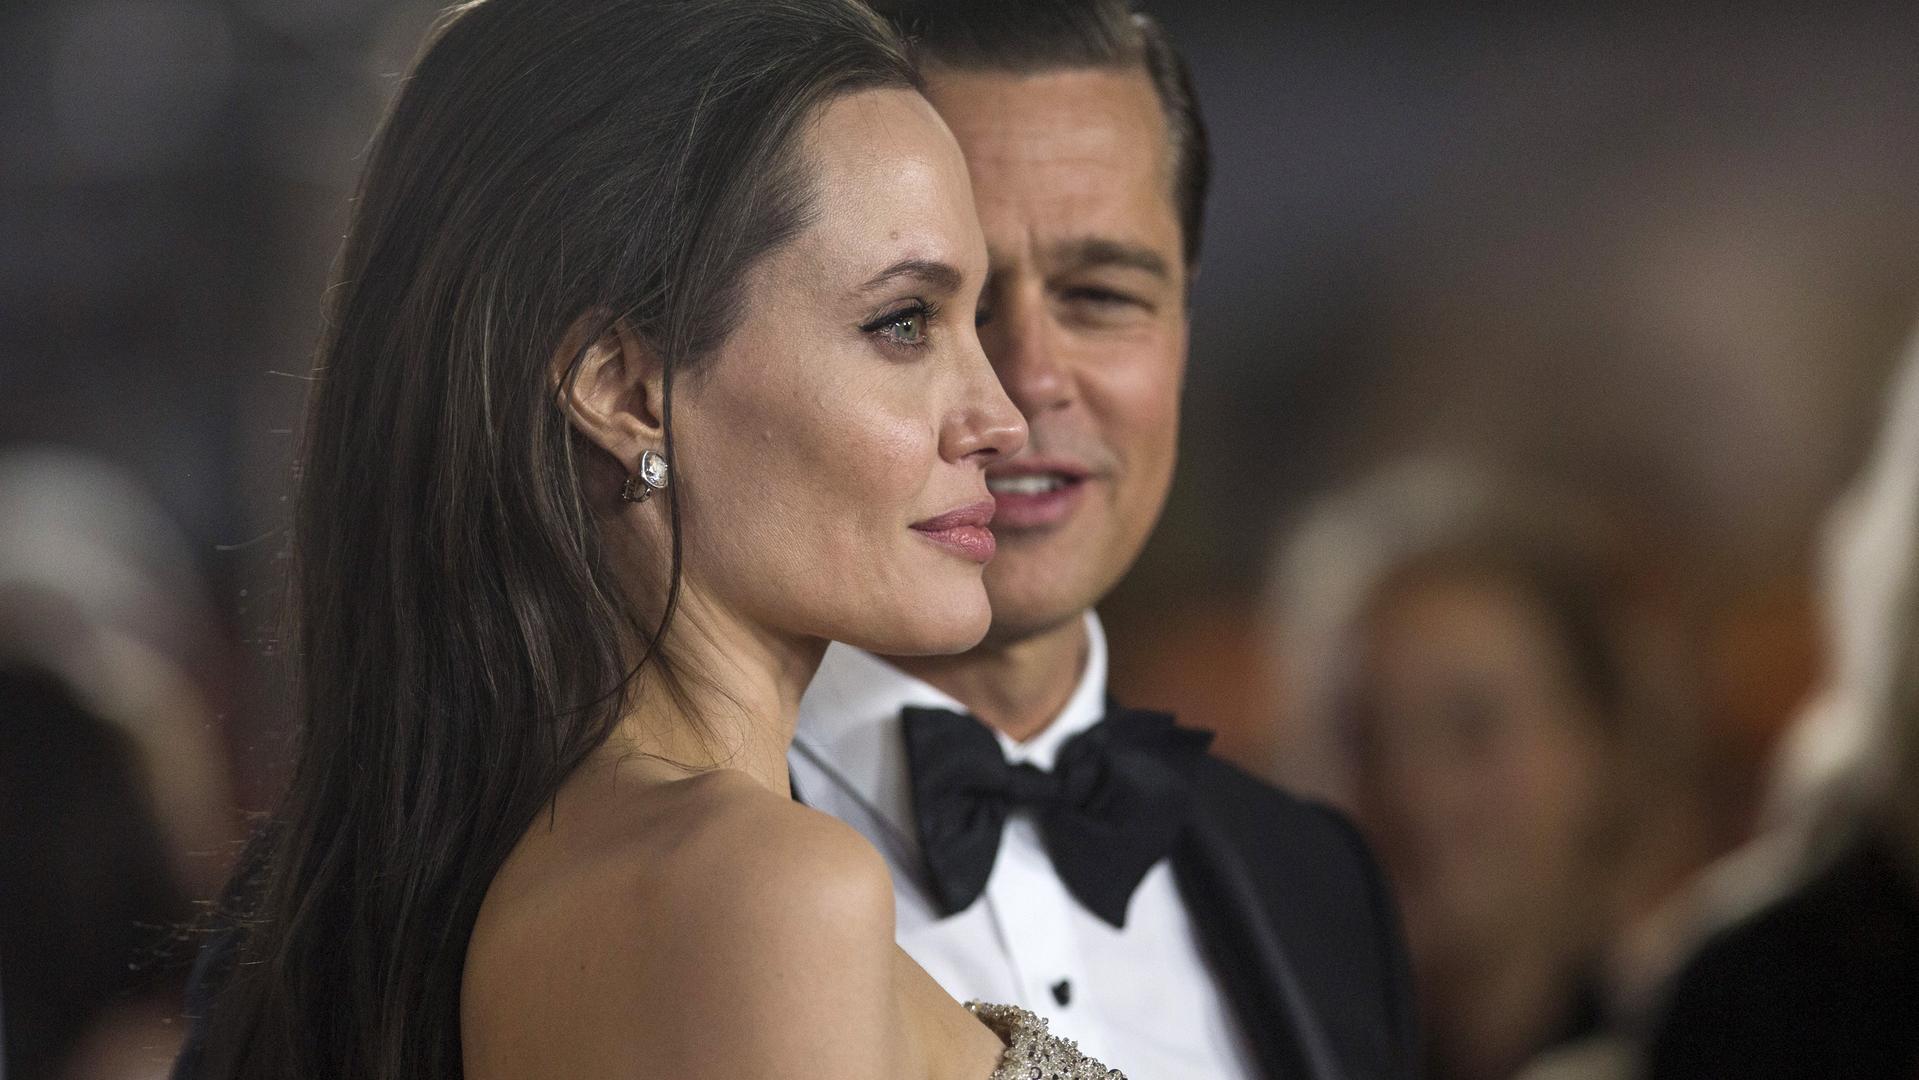 Вы за Питта или за Джоли: всё, что нужно знать о громком разводе